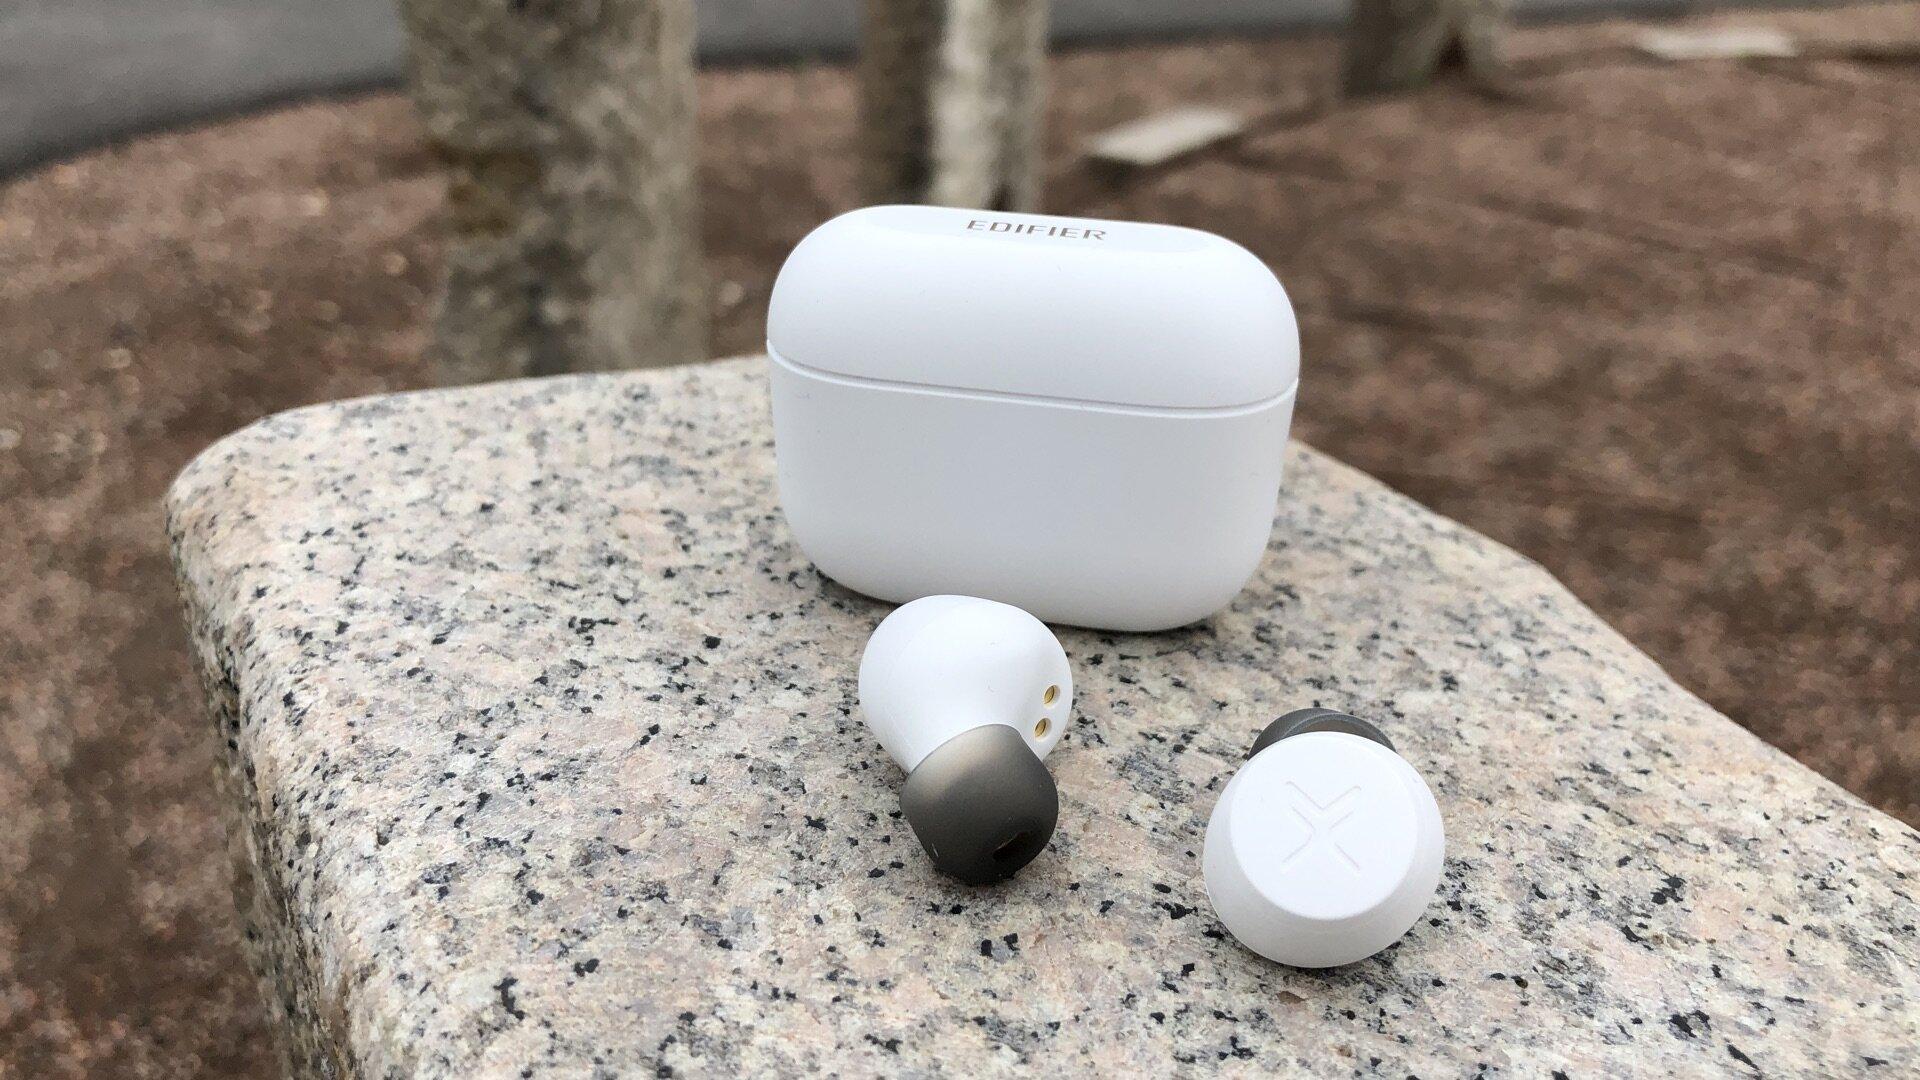 Descripción Auriculares Edifier X3 True Wireless